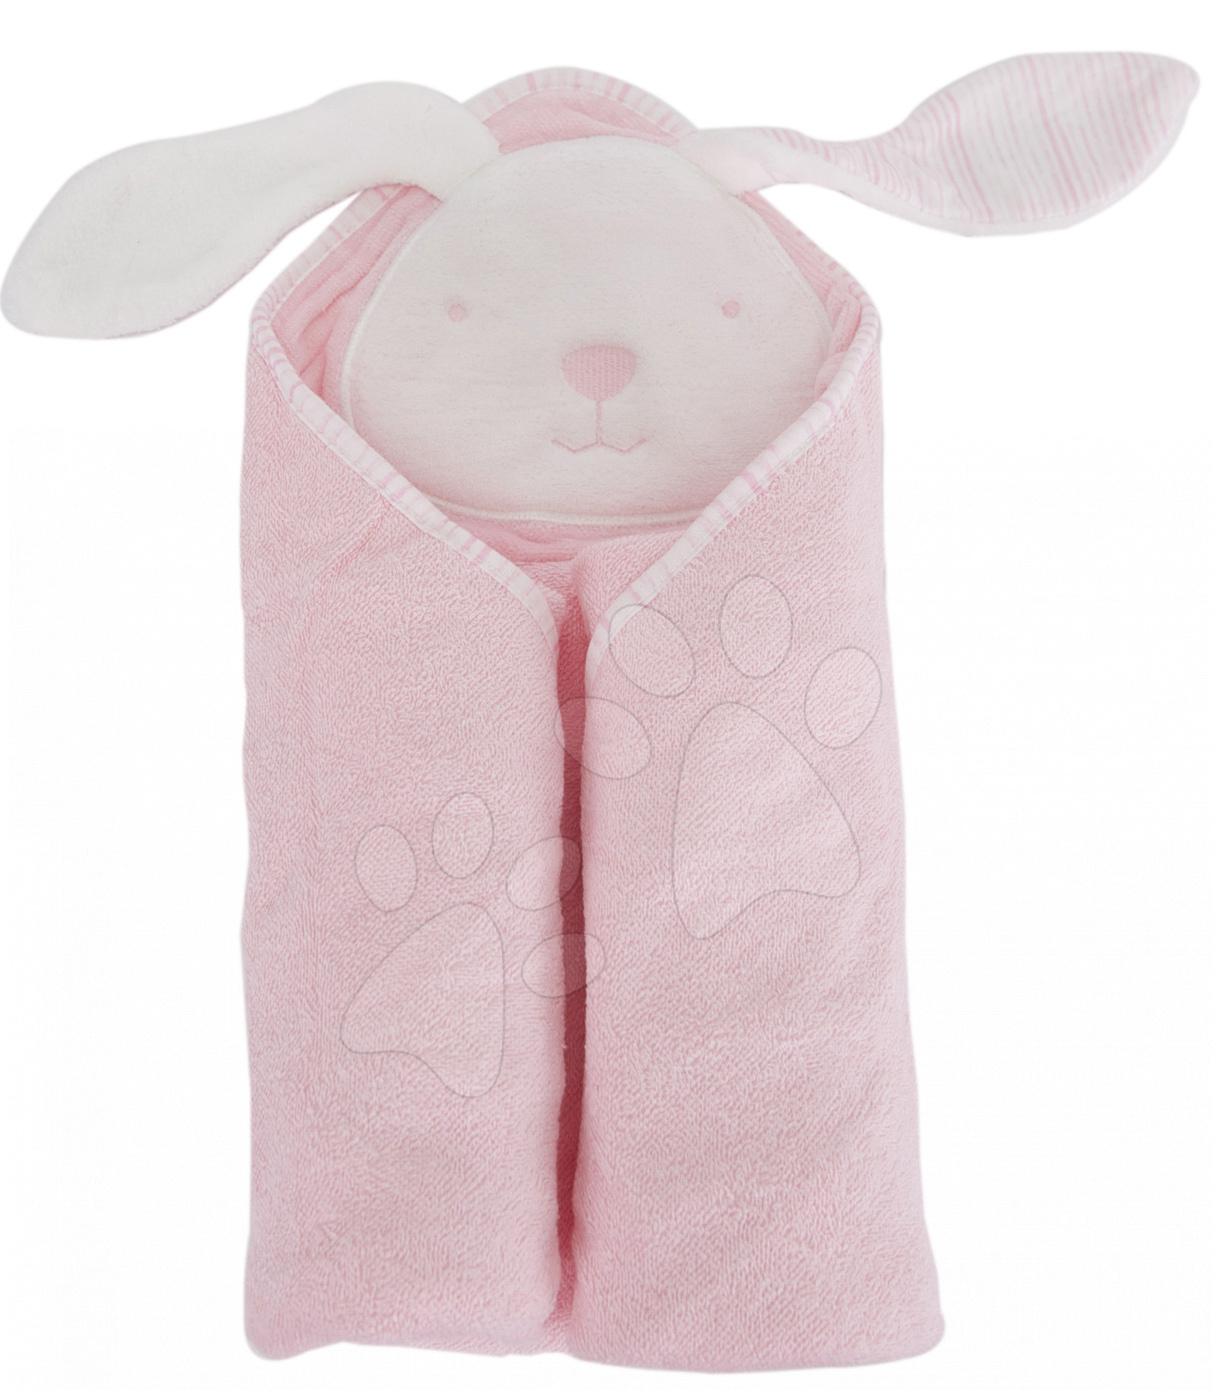 Osuška s kapucí pro nejmenší Classic toTs-smarTrike zajíček 100% přírodní velur bavlna růžová od 0 měsíců